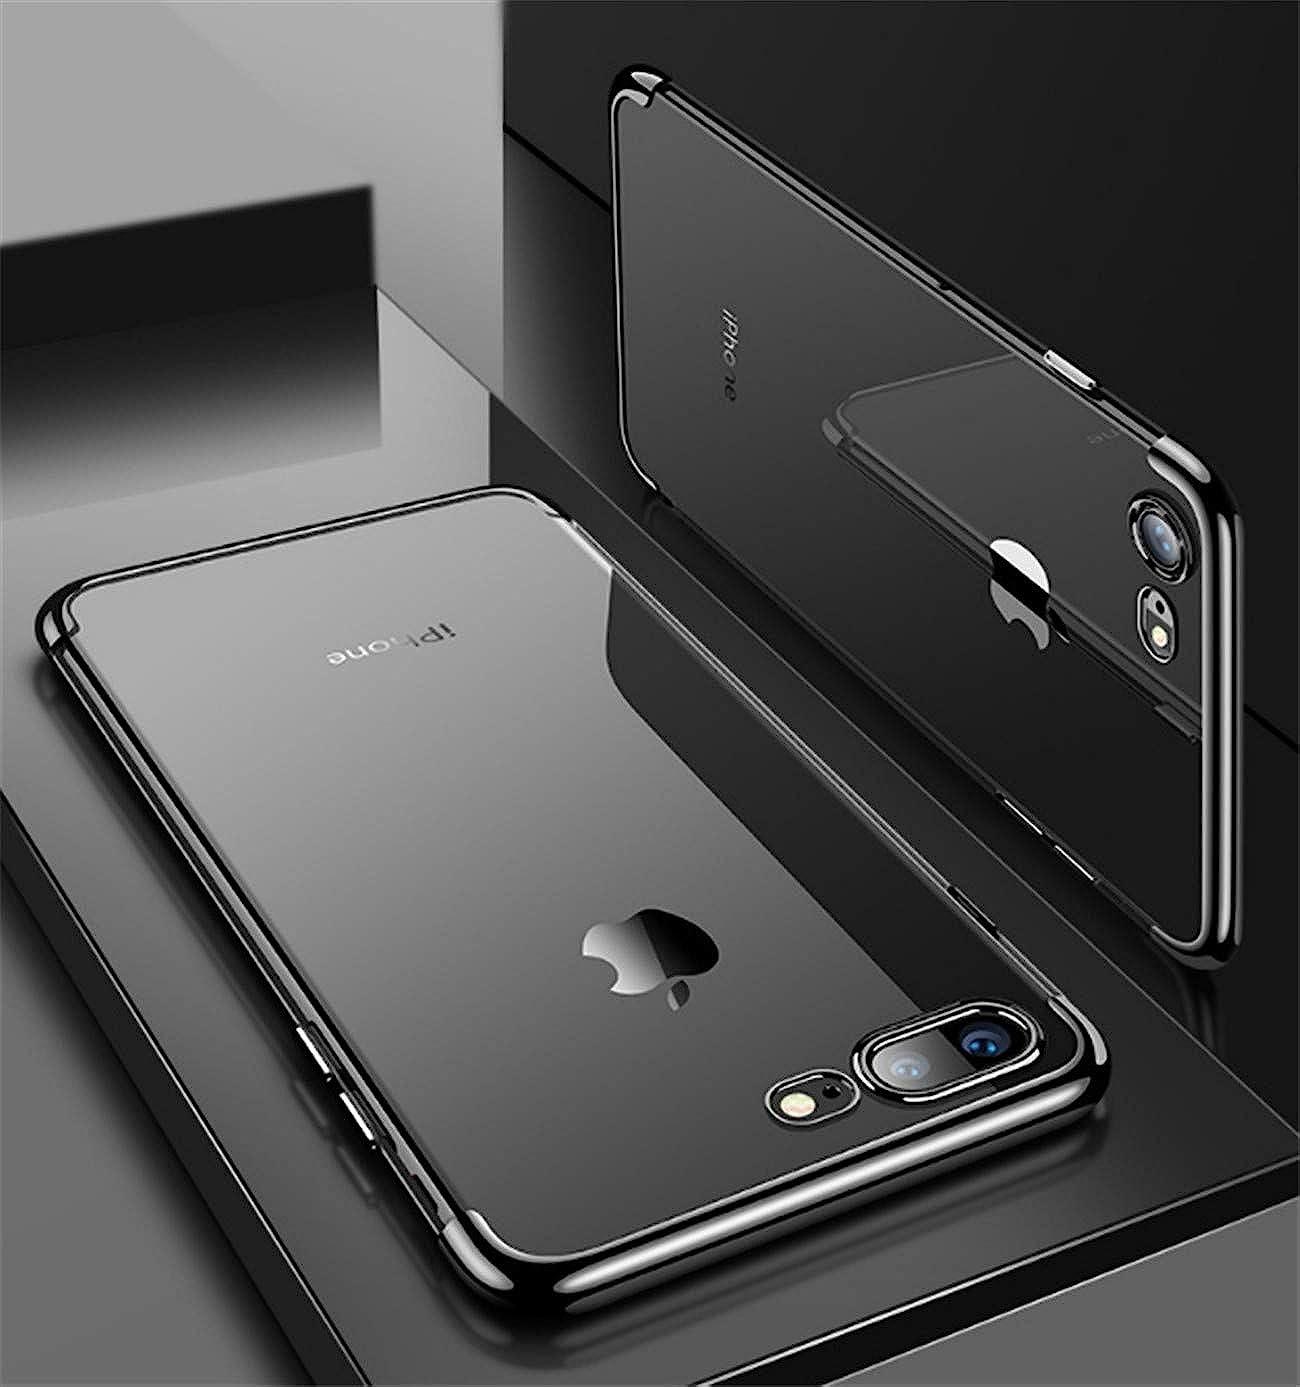 Kompatibel mit iPhone 8 Plus H/ülle Durchsichtig Silikon Schutzh/ülle /Überzug Handyh/ülle Sto/ßfest Anti-Fall Handy-Schutz rutschfest Weiches Gummi Telefonkasten